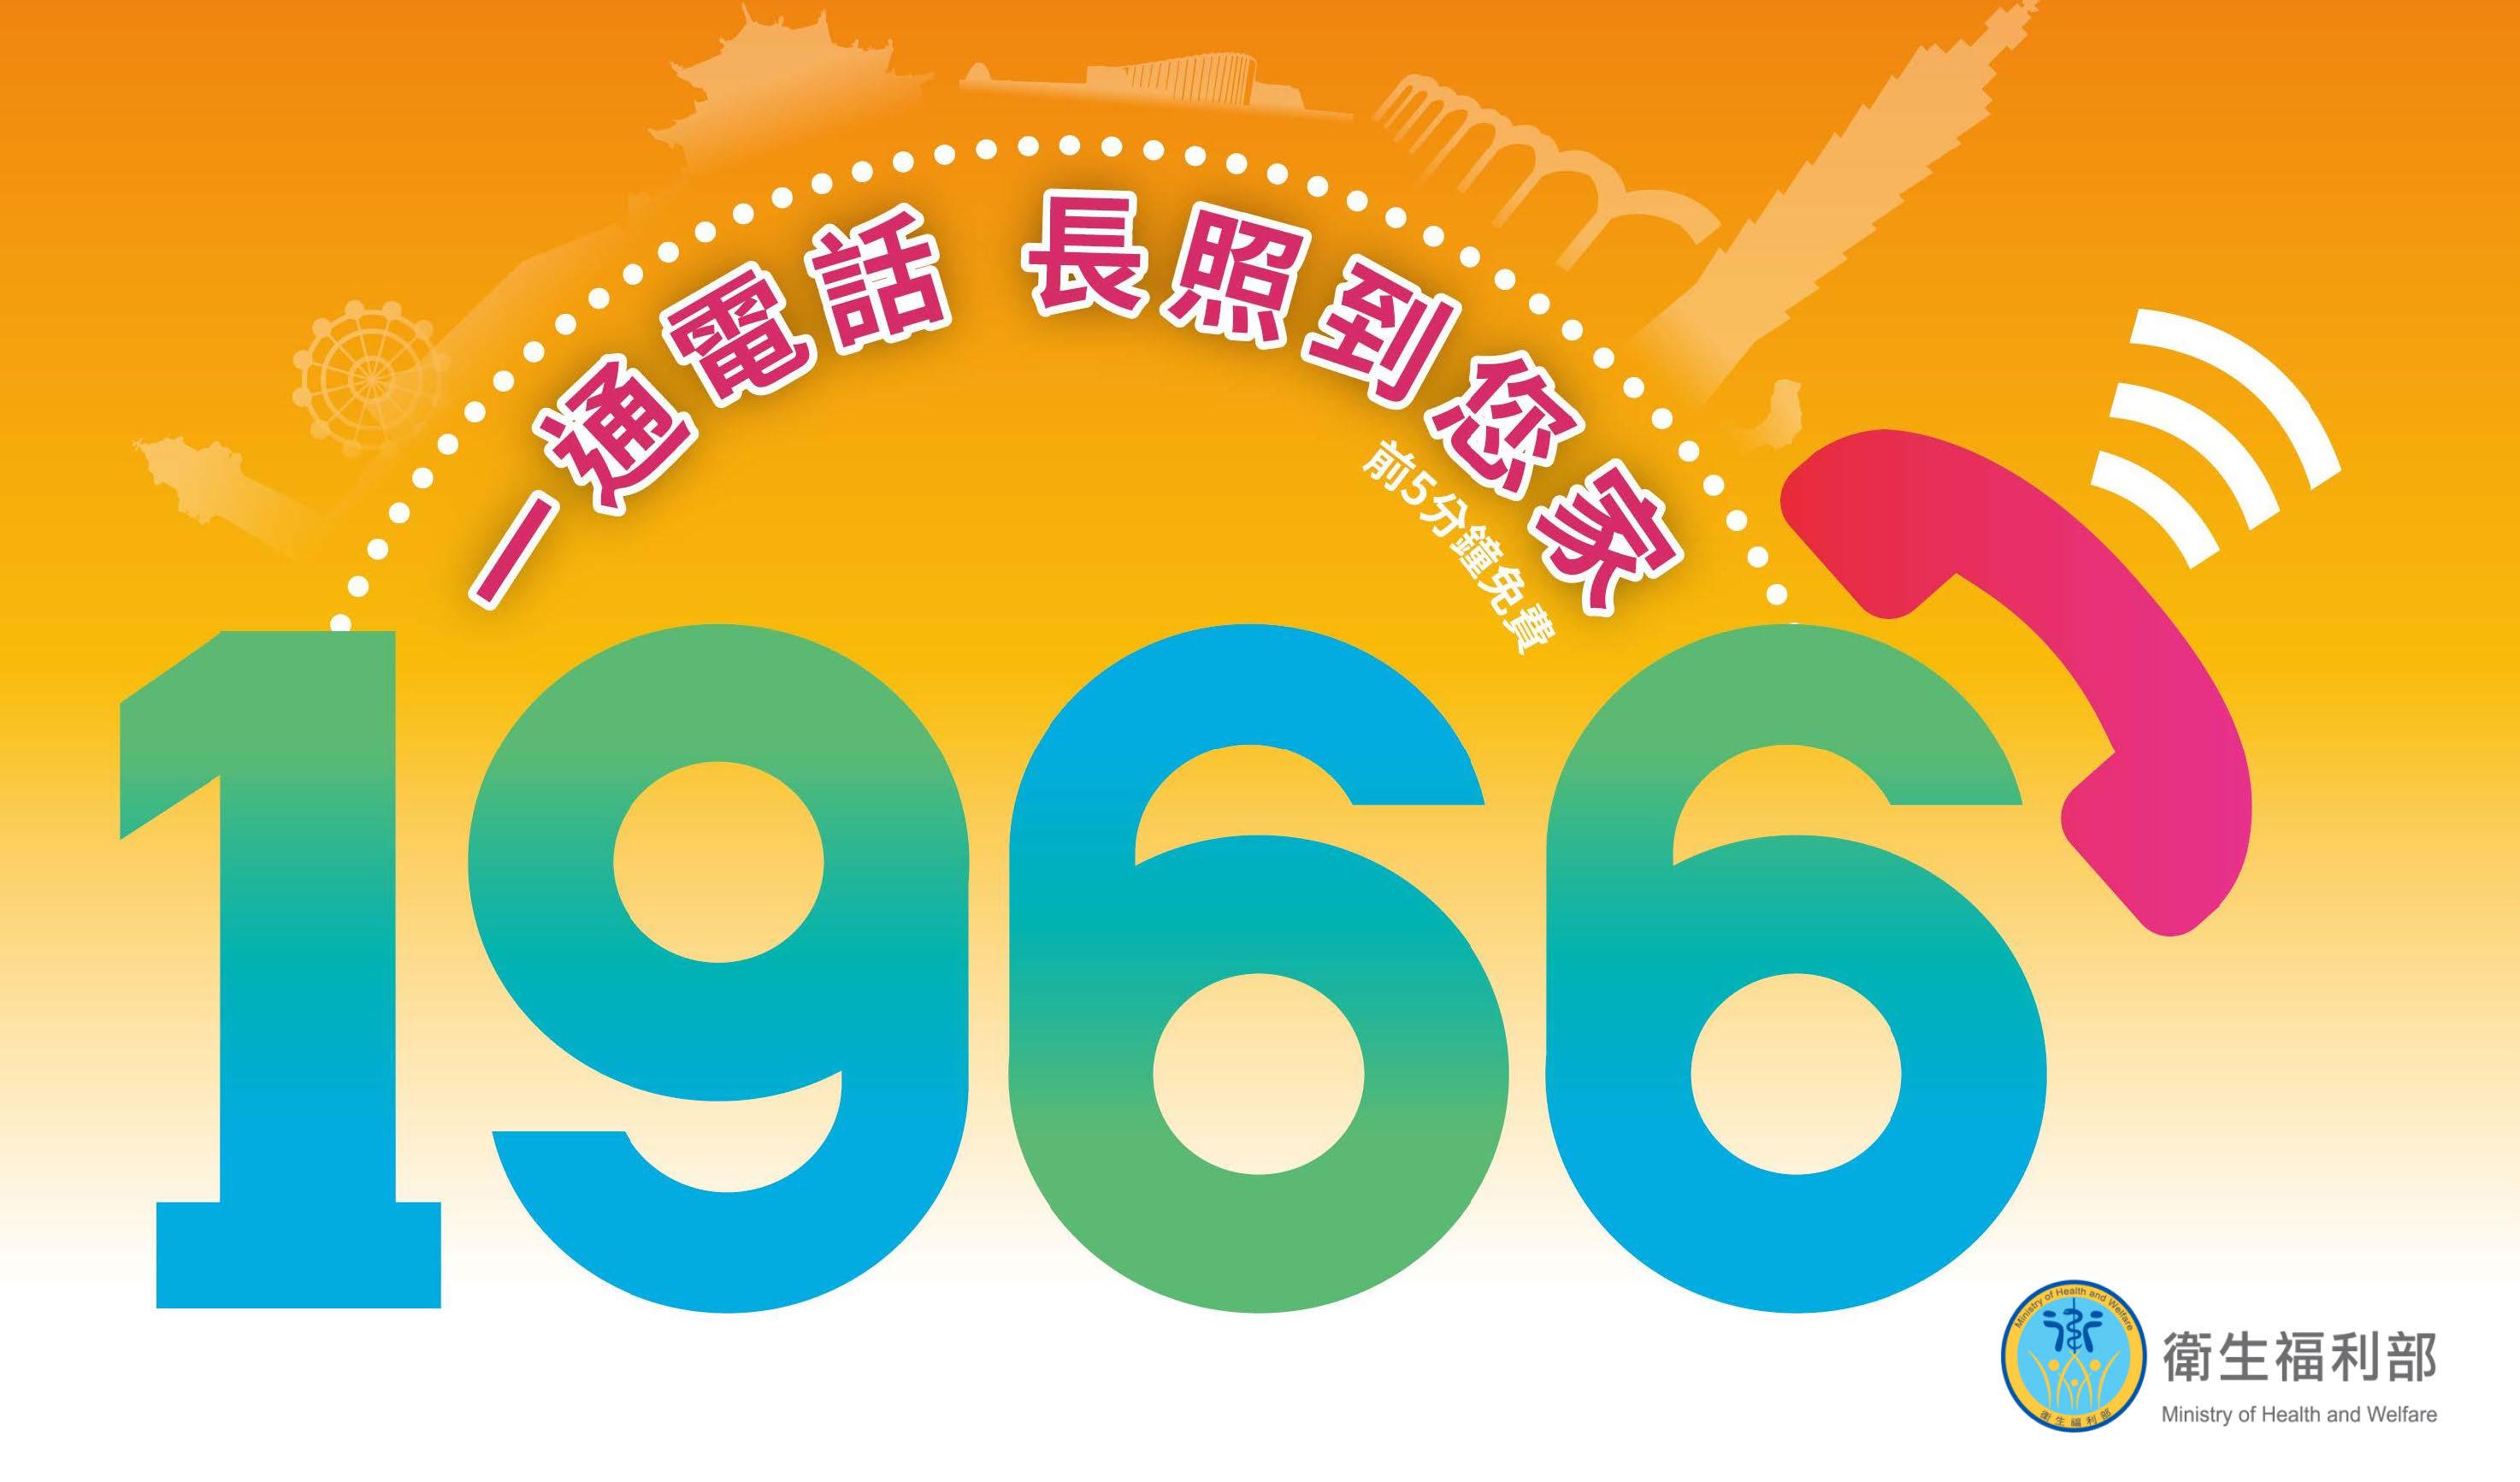 1966長照服務專線簡介(懶人包)